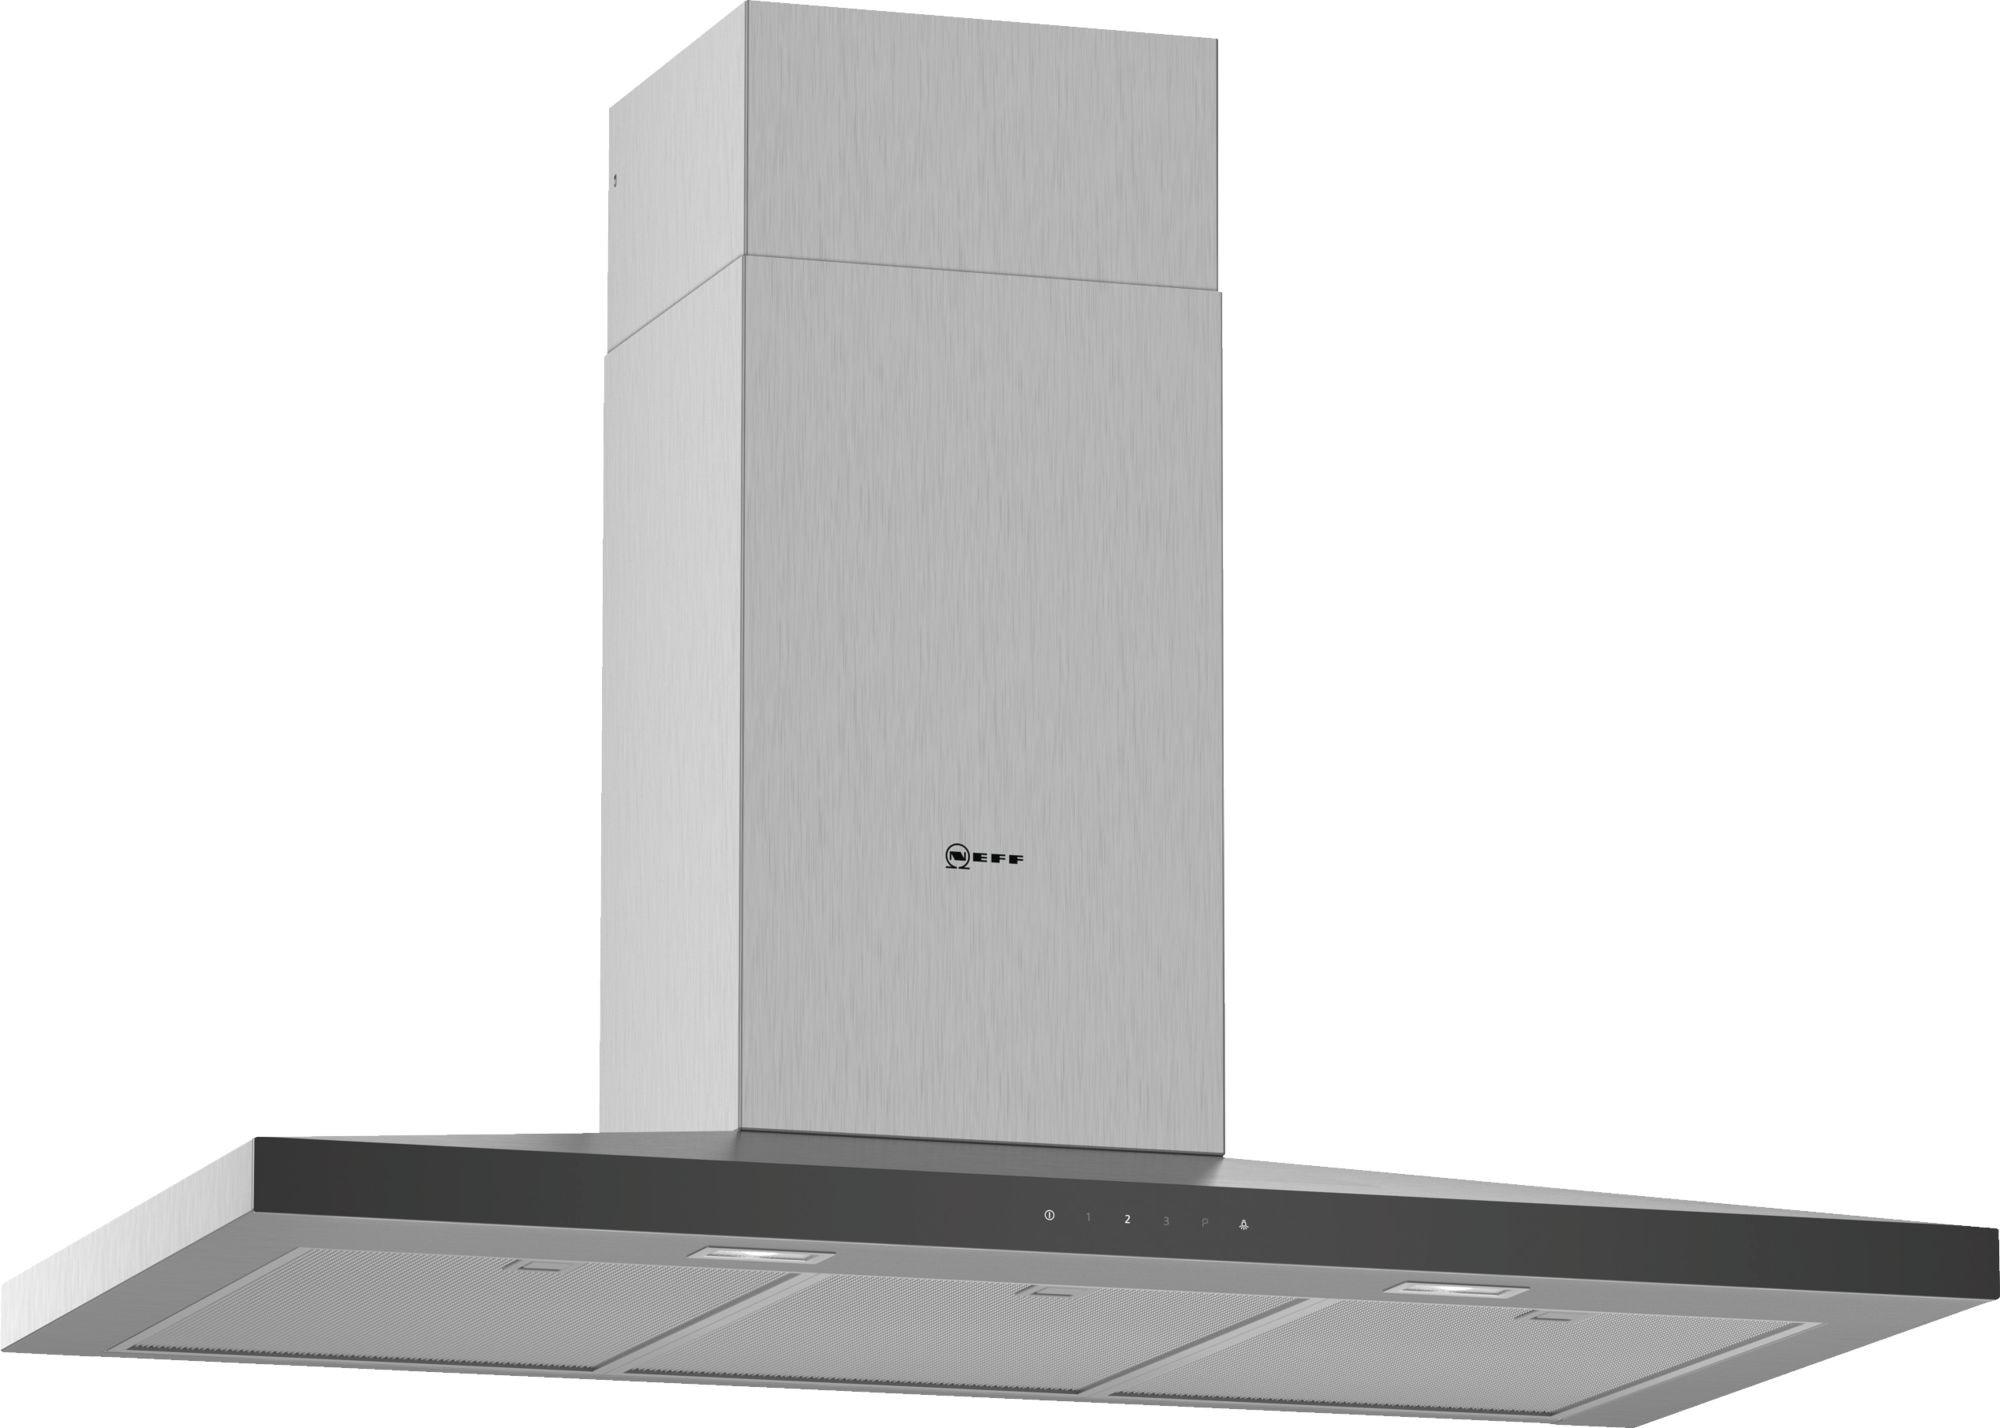 Neff N50 90cm Stainless Steel Pyramid Chimney Hood D94QFM1N0B